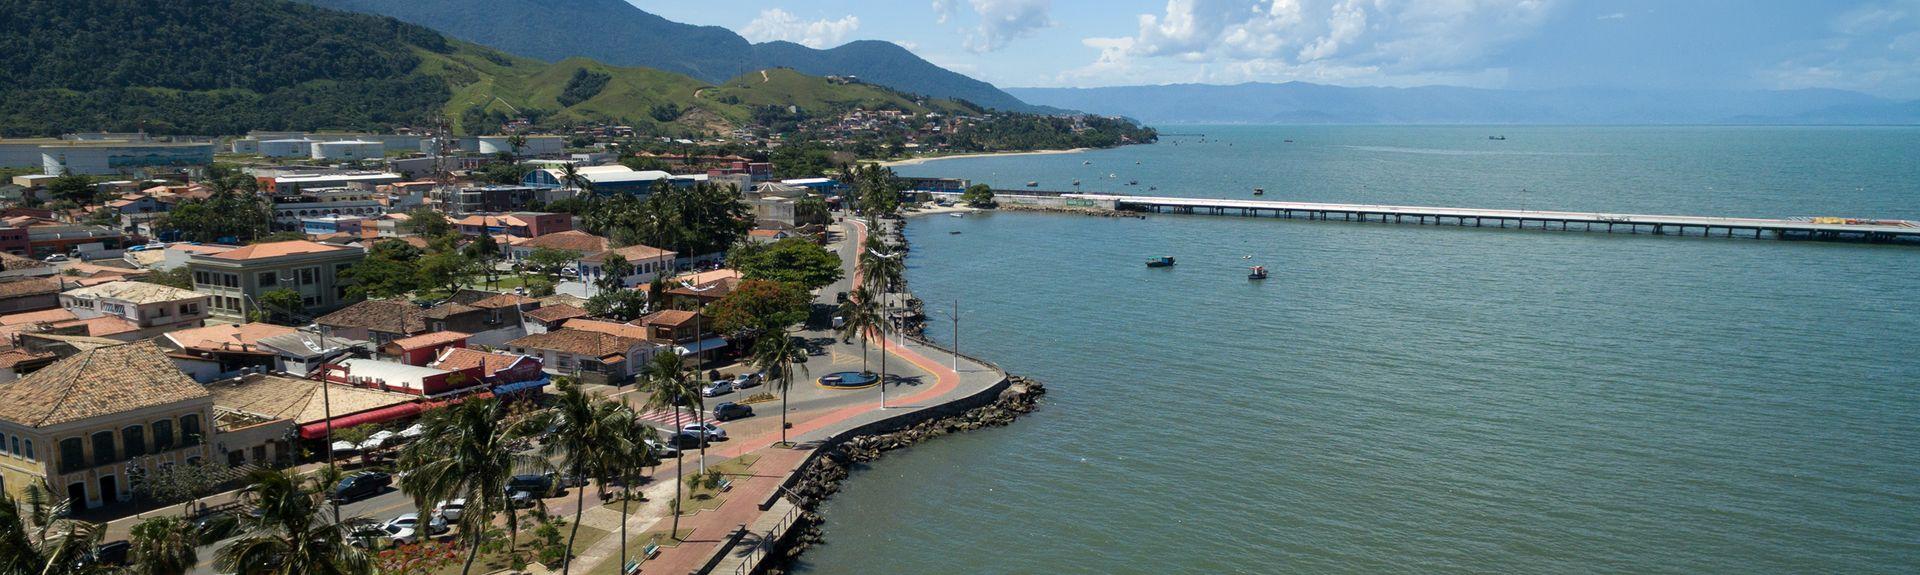 São Sebastião, Região Sudeste, Brasil